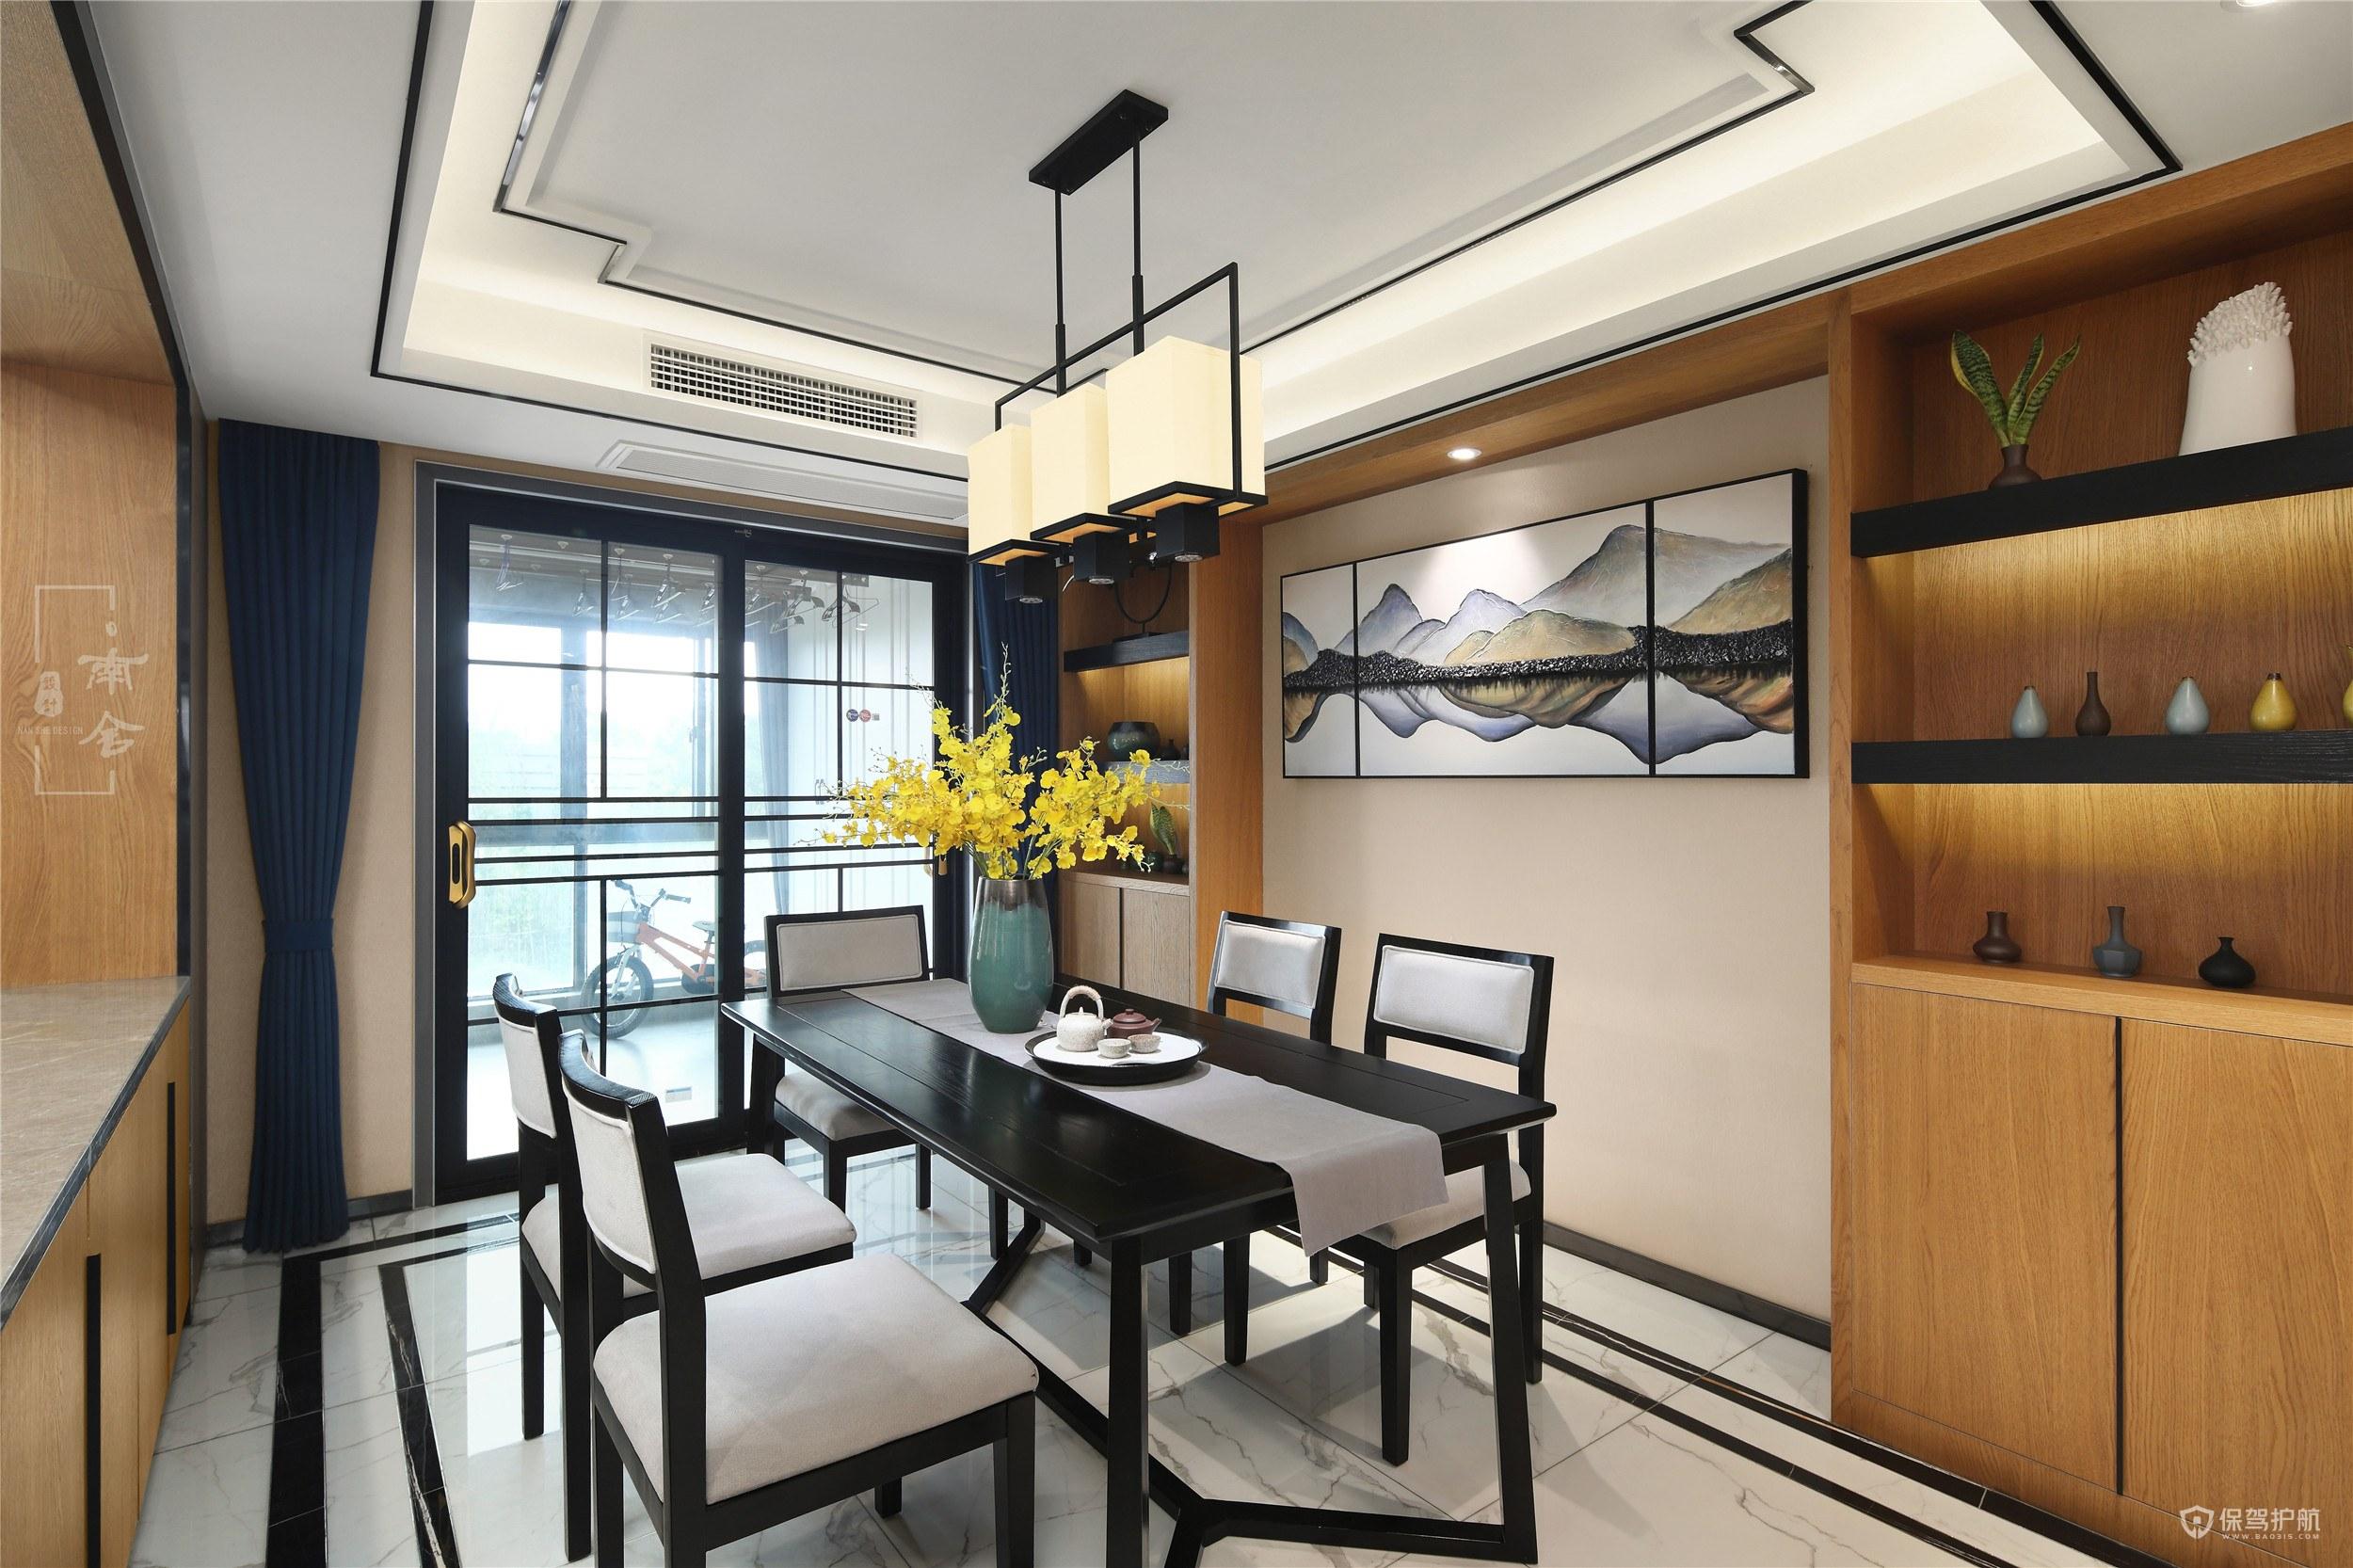 新中式风格三居室餐厅墙面装修效果图